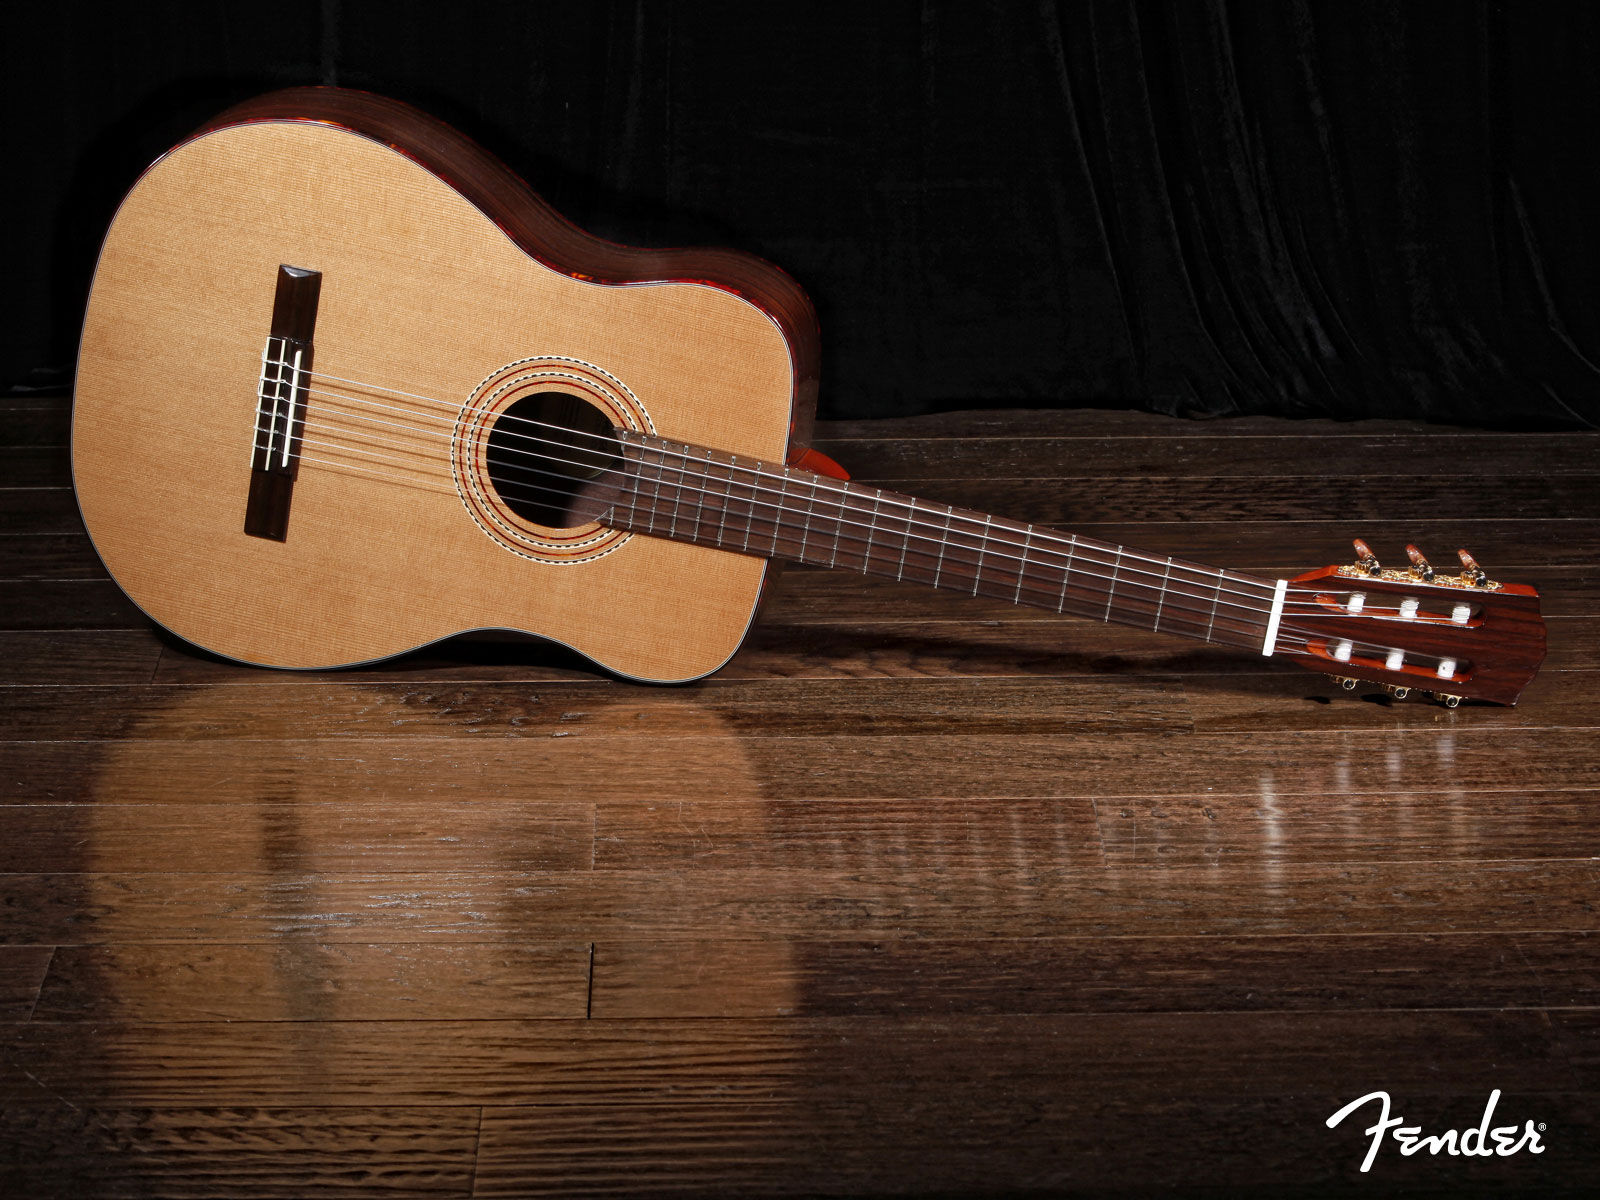 【虹韻音樂娛樂】- 吉他 & 烏克麗麗 : 【特殊指法介紹(一):三指法 - 吉他初級課程】- 和弦譜 - 吉他譜 - 烏 ...